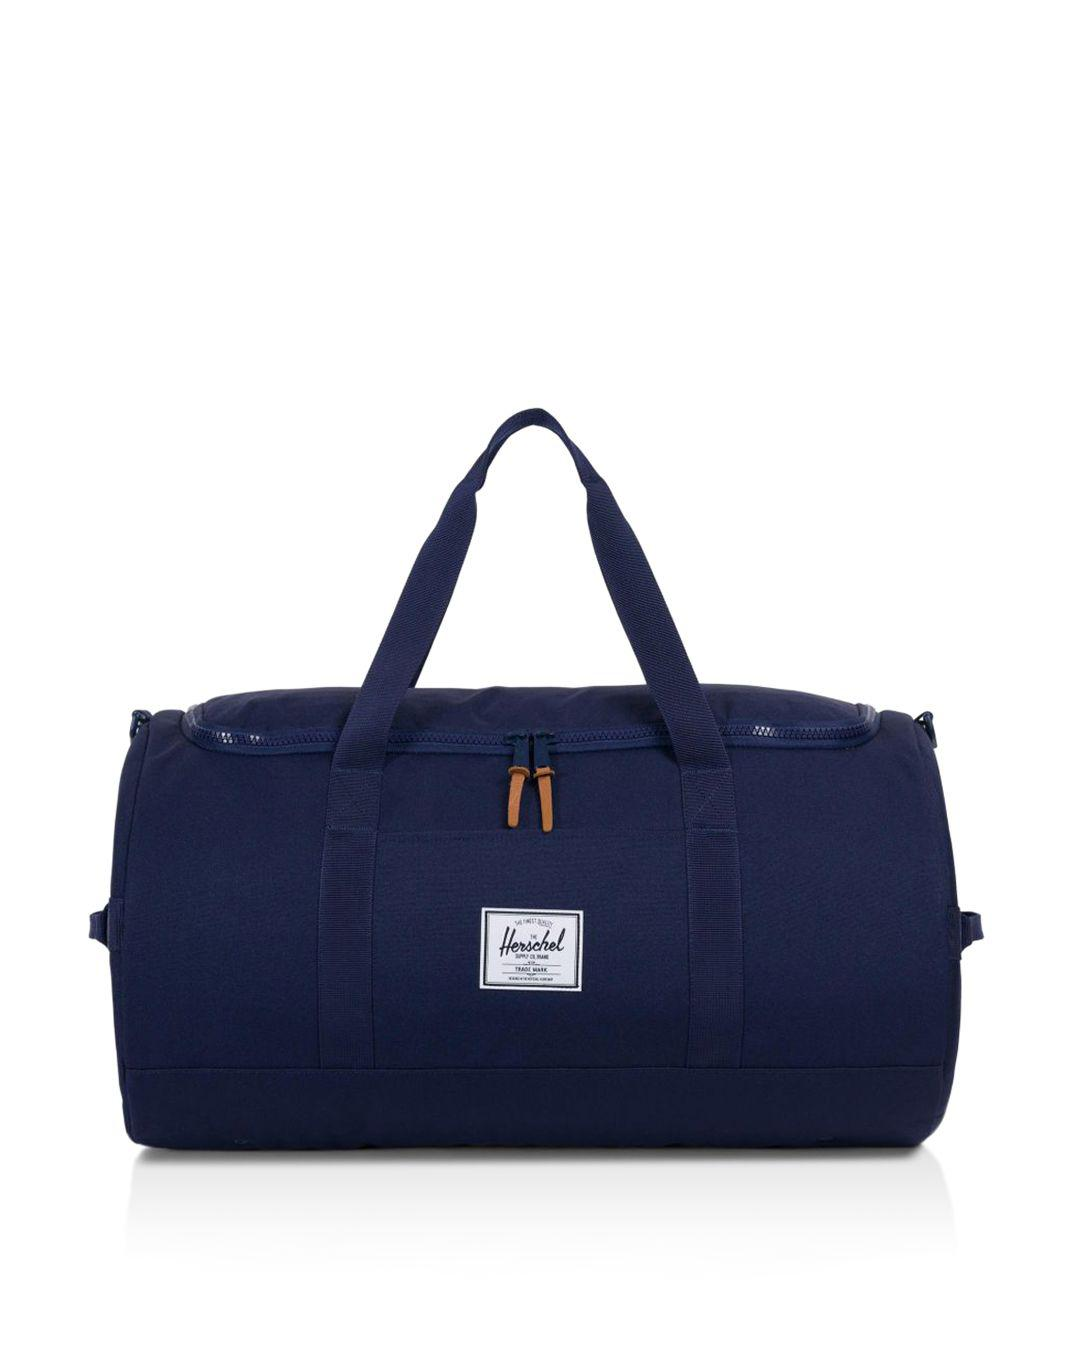 b74ec844c5aa Lyst - Herschel Supply Co. Sutton Duffle in Blue for Men